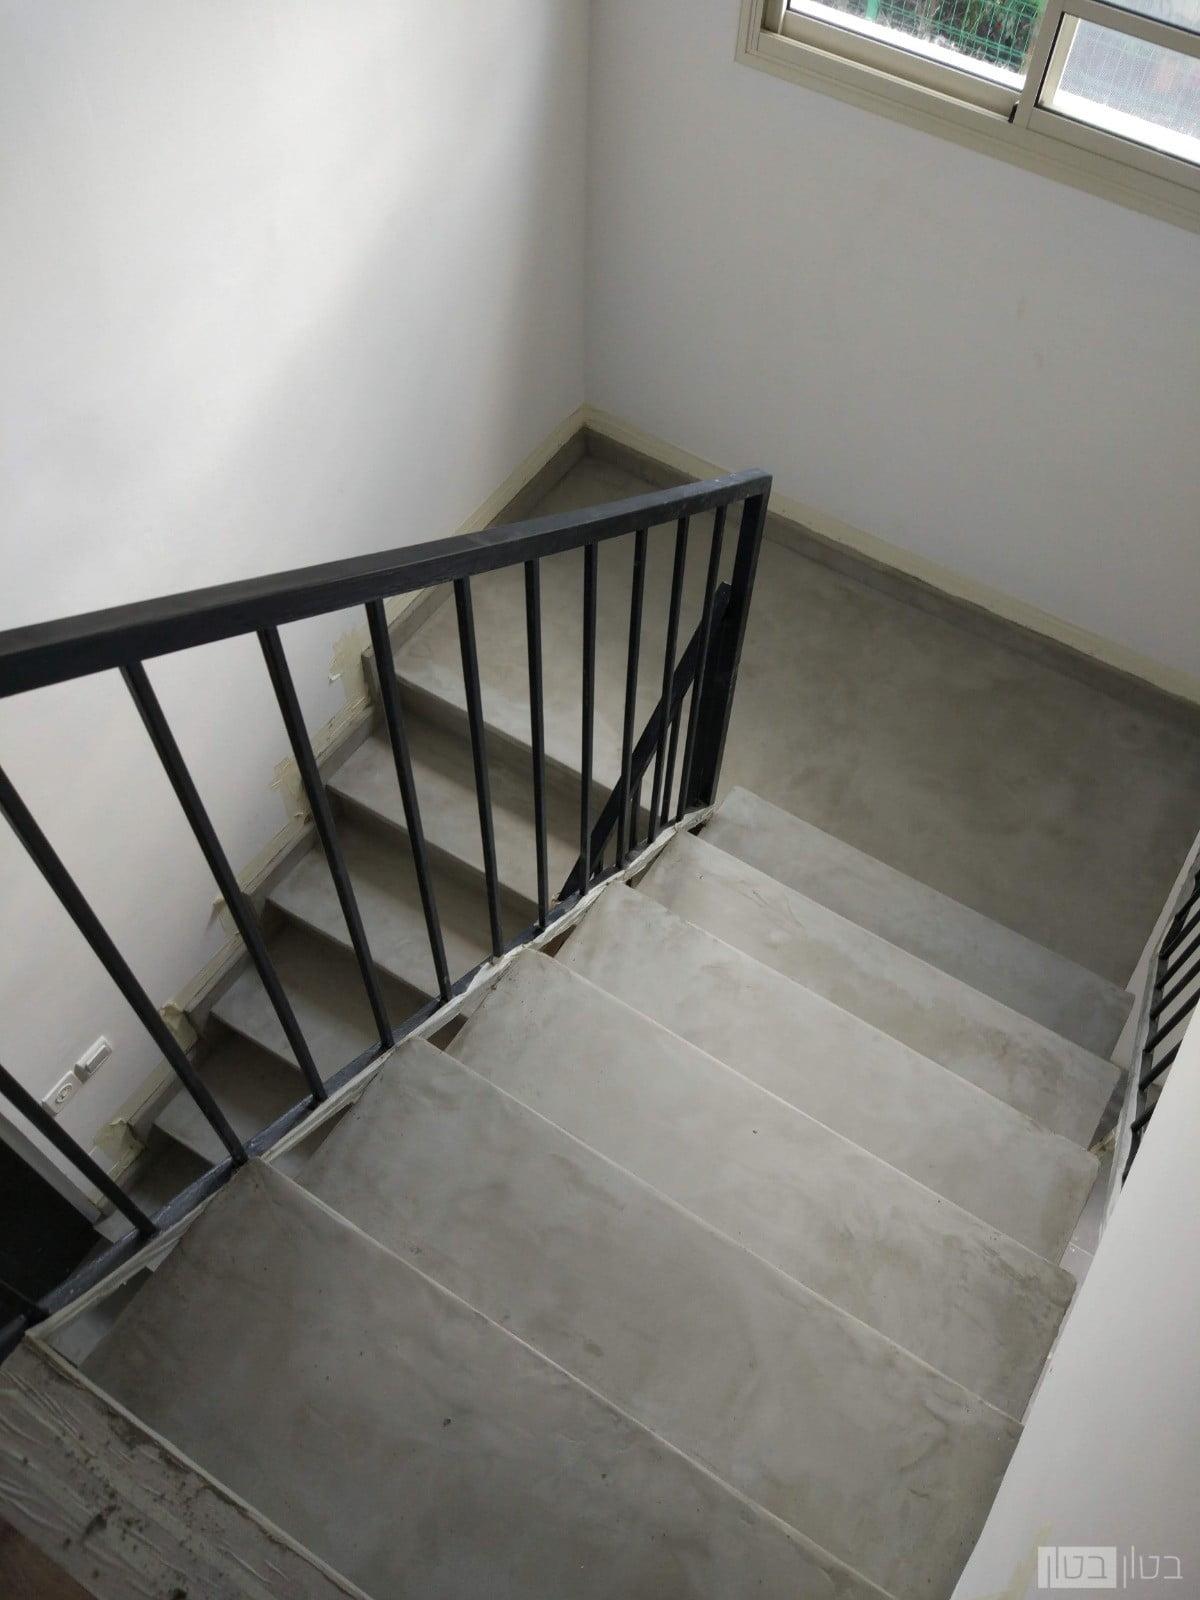 מדרגות מצופות בשכבת מיקרוטופינג